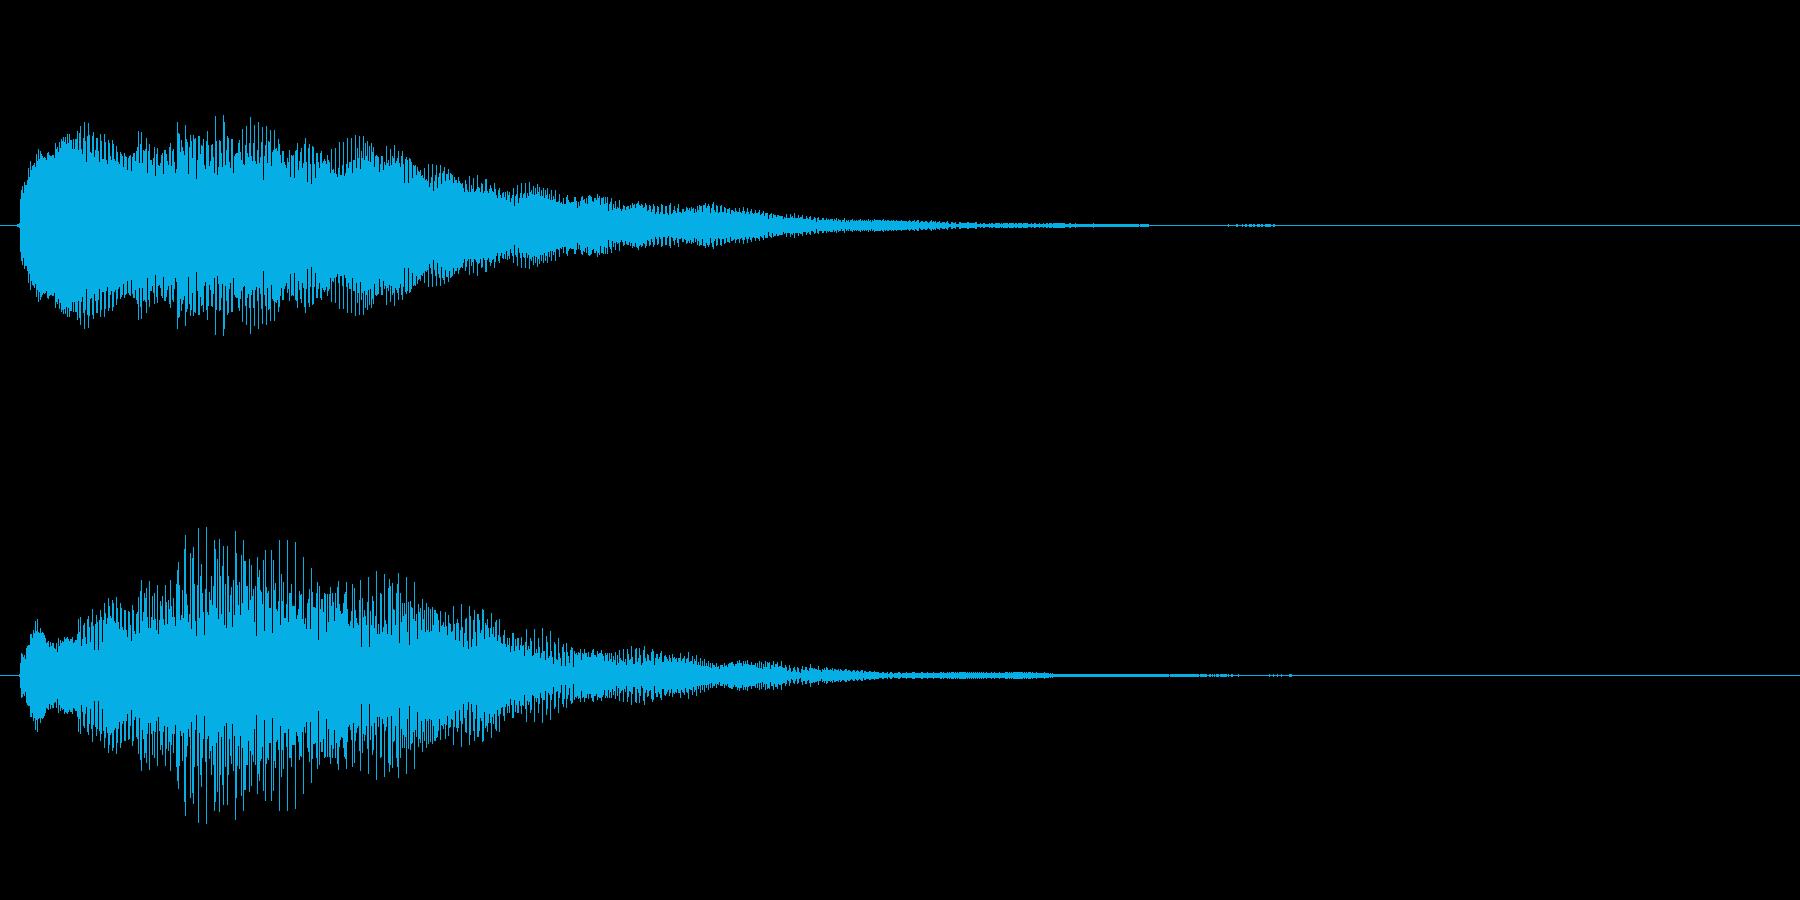 キラキラしたベルの上昇音3の再生済みの波形